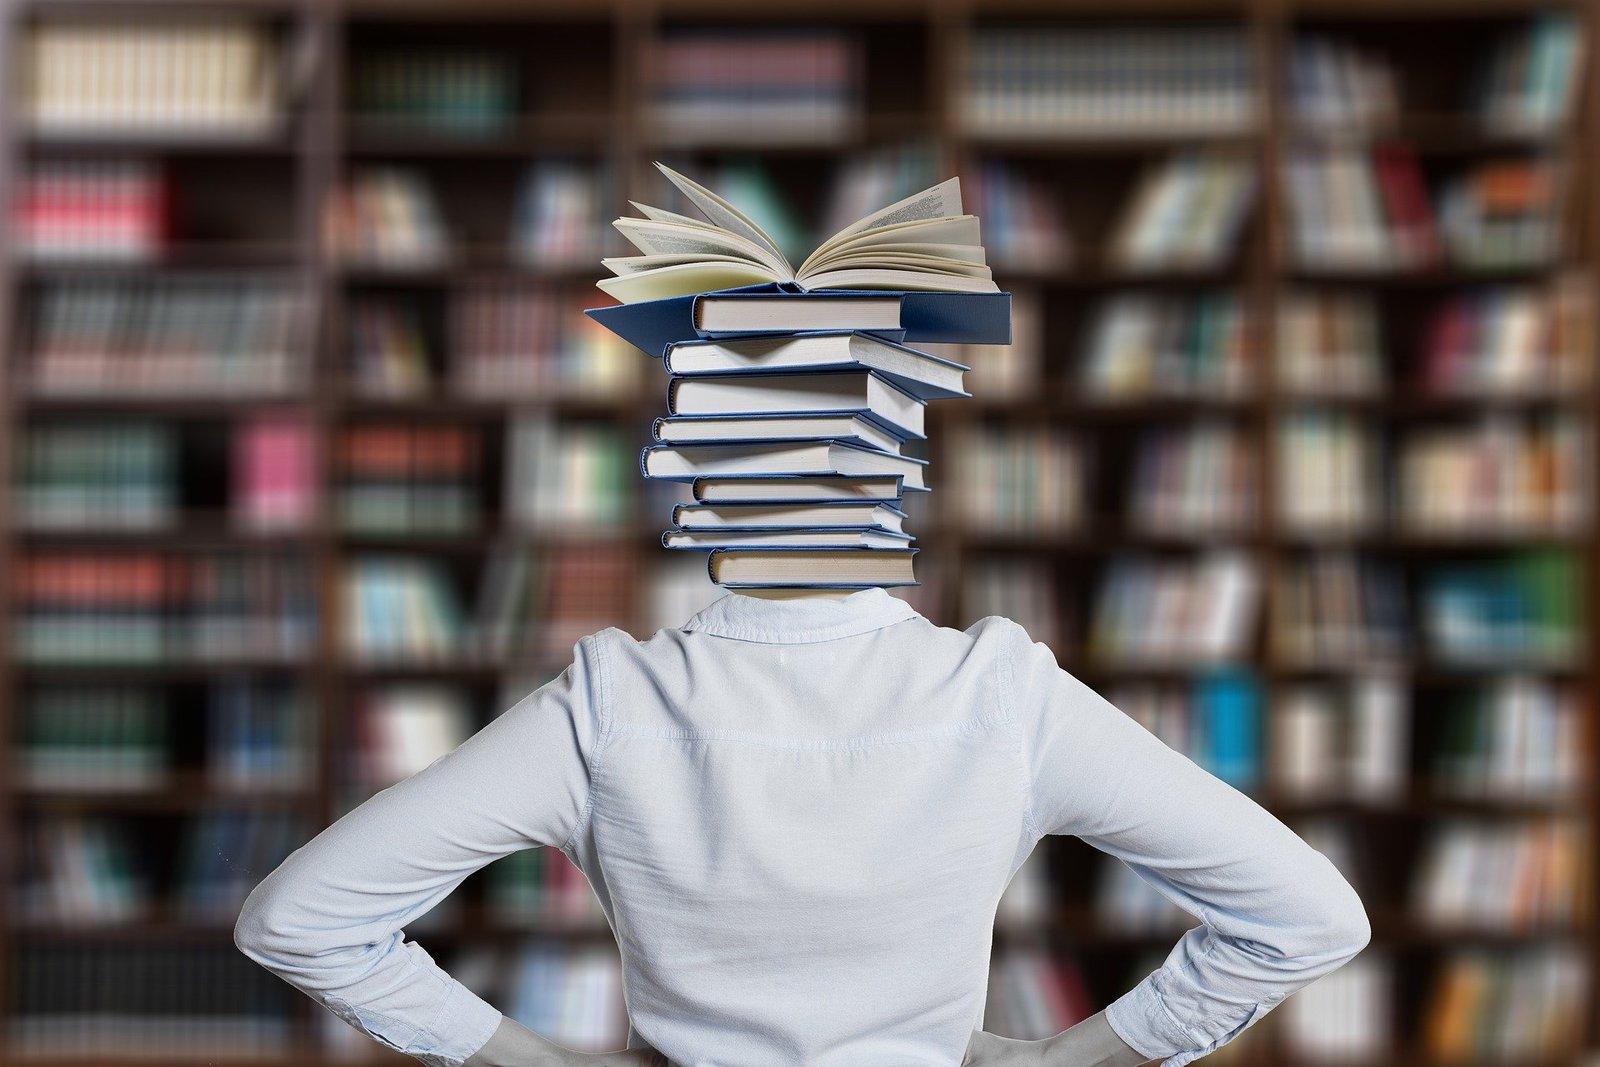 Prymus Opolszczyzny - zdjęcie przedstawia osobę z książkami na głowie.jpeg